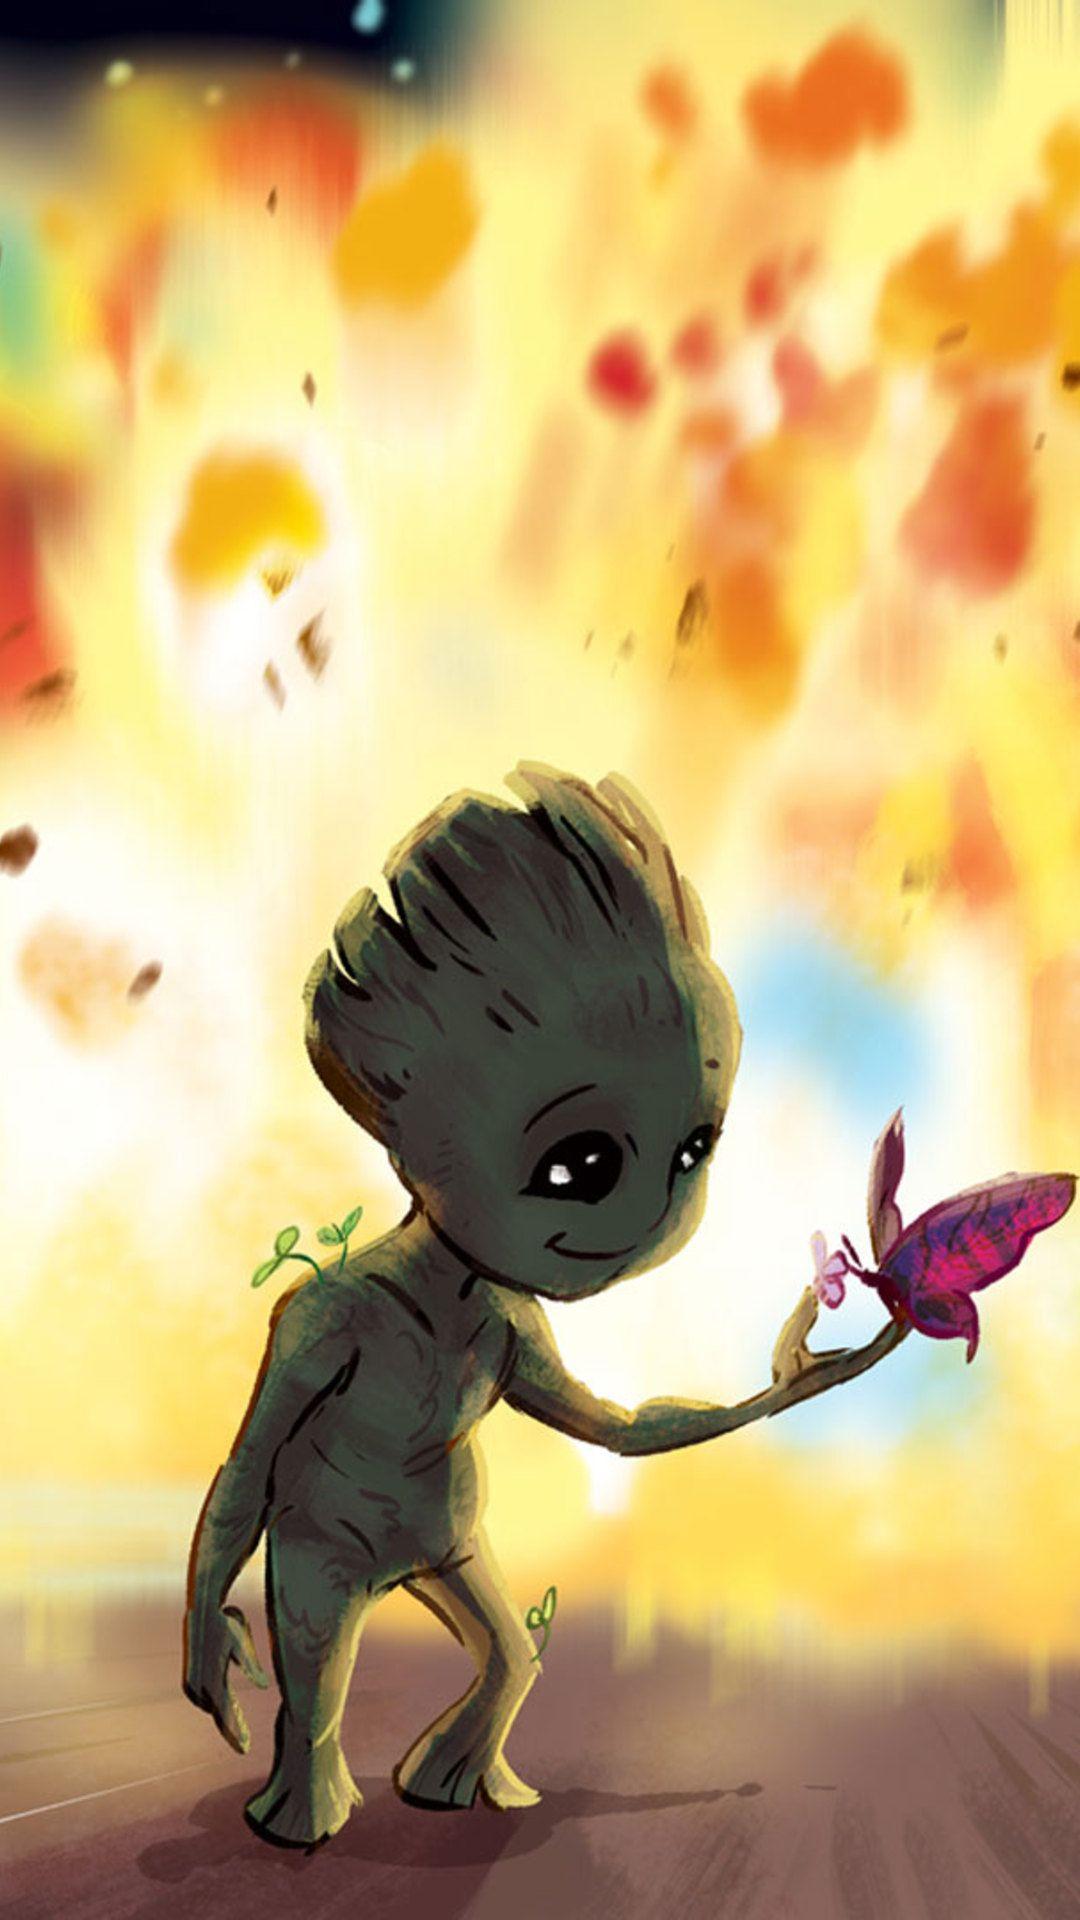 Ilmu Pengetahuan 7 Baby Groot Dancing Wallpaper